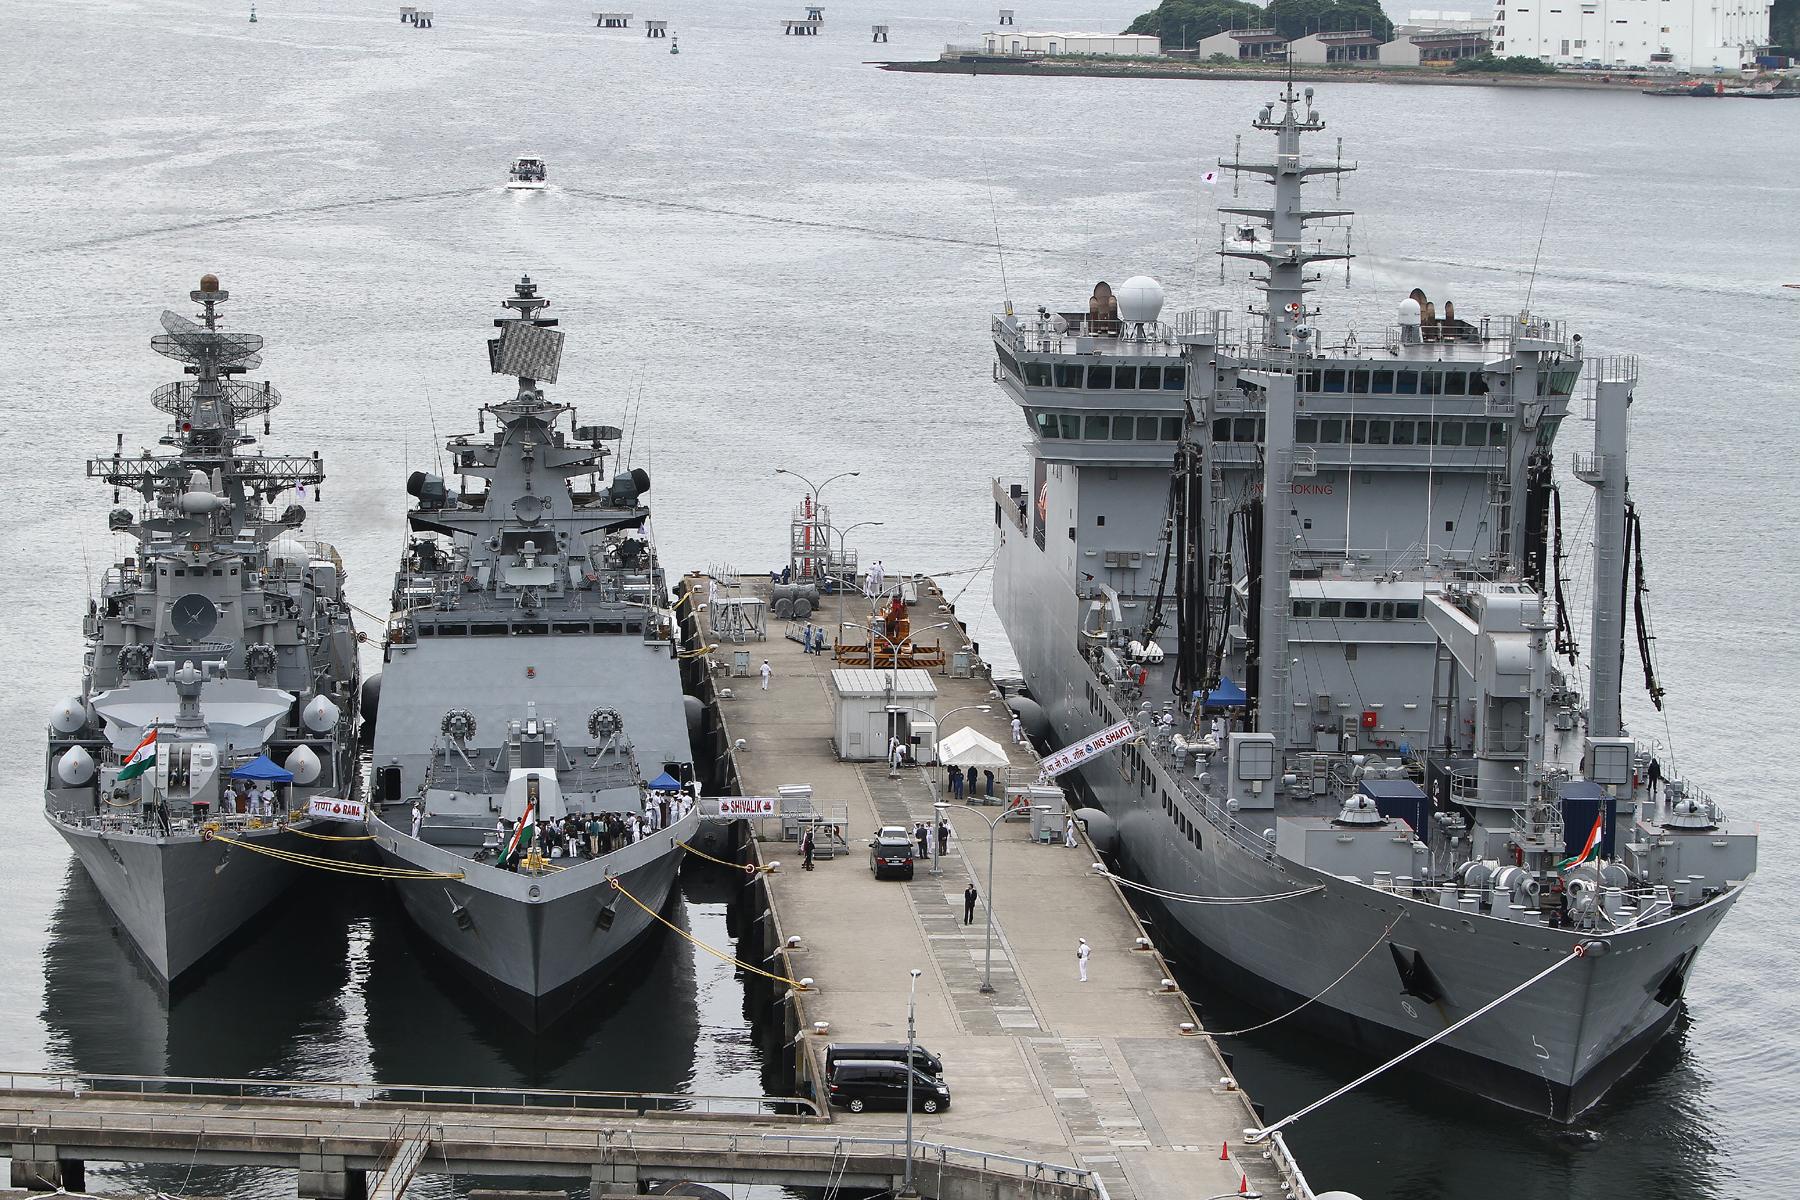 2012年6月5日 横須賀に寄港、吉倉桟橋に碇泊したインド海軍艦艇